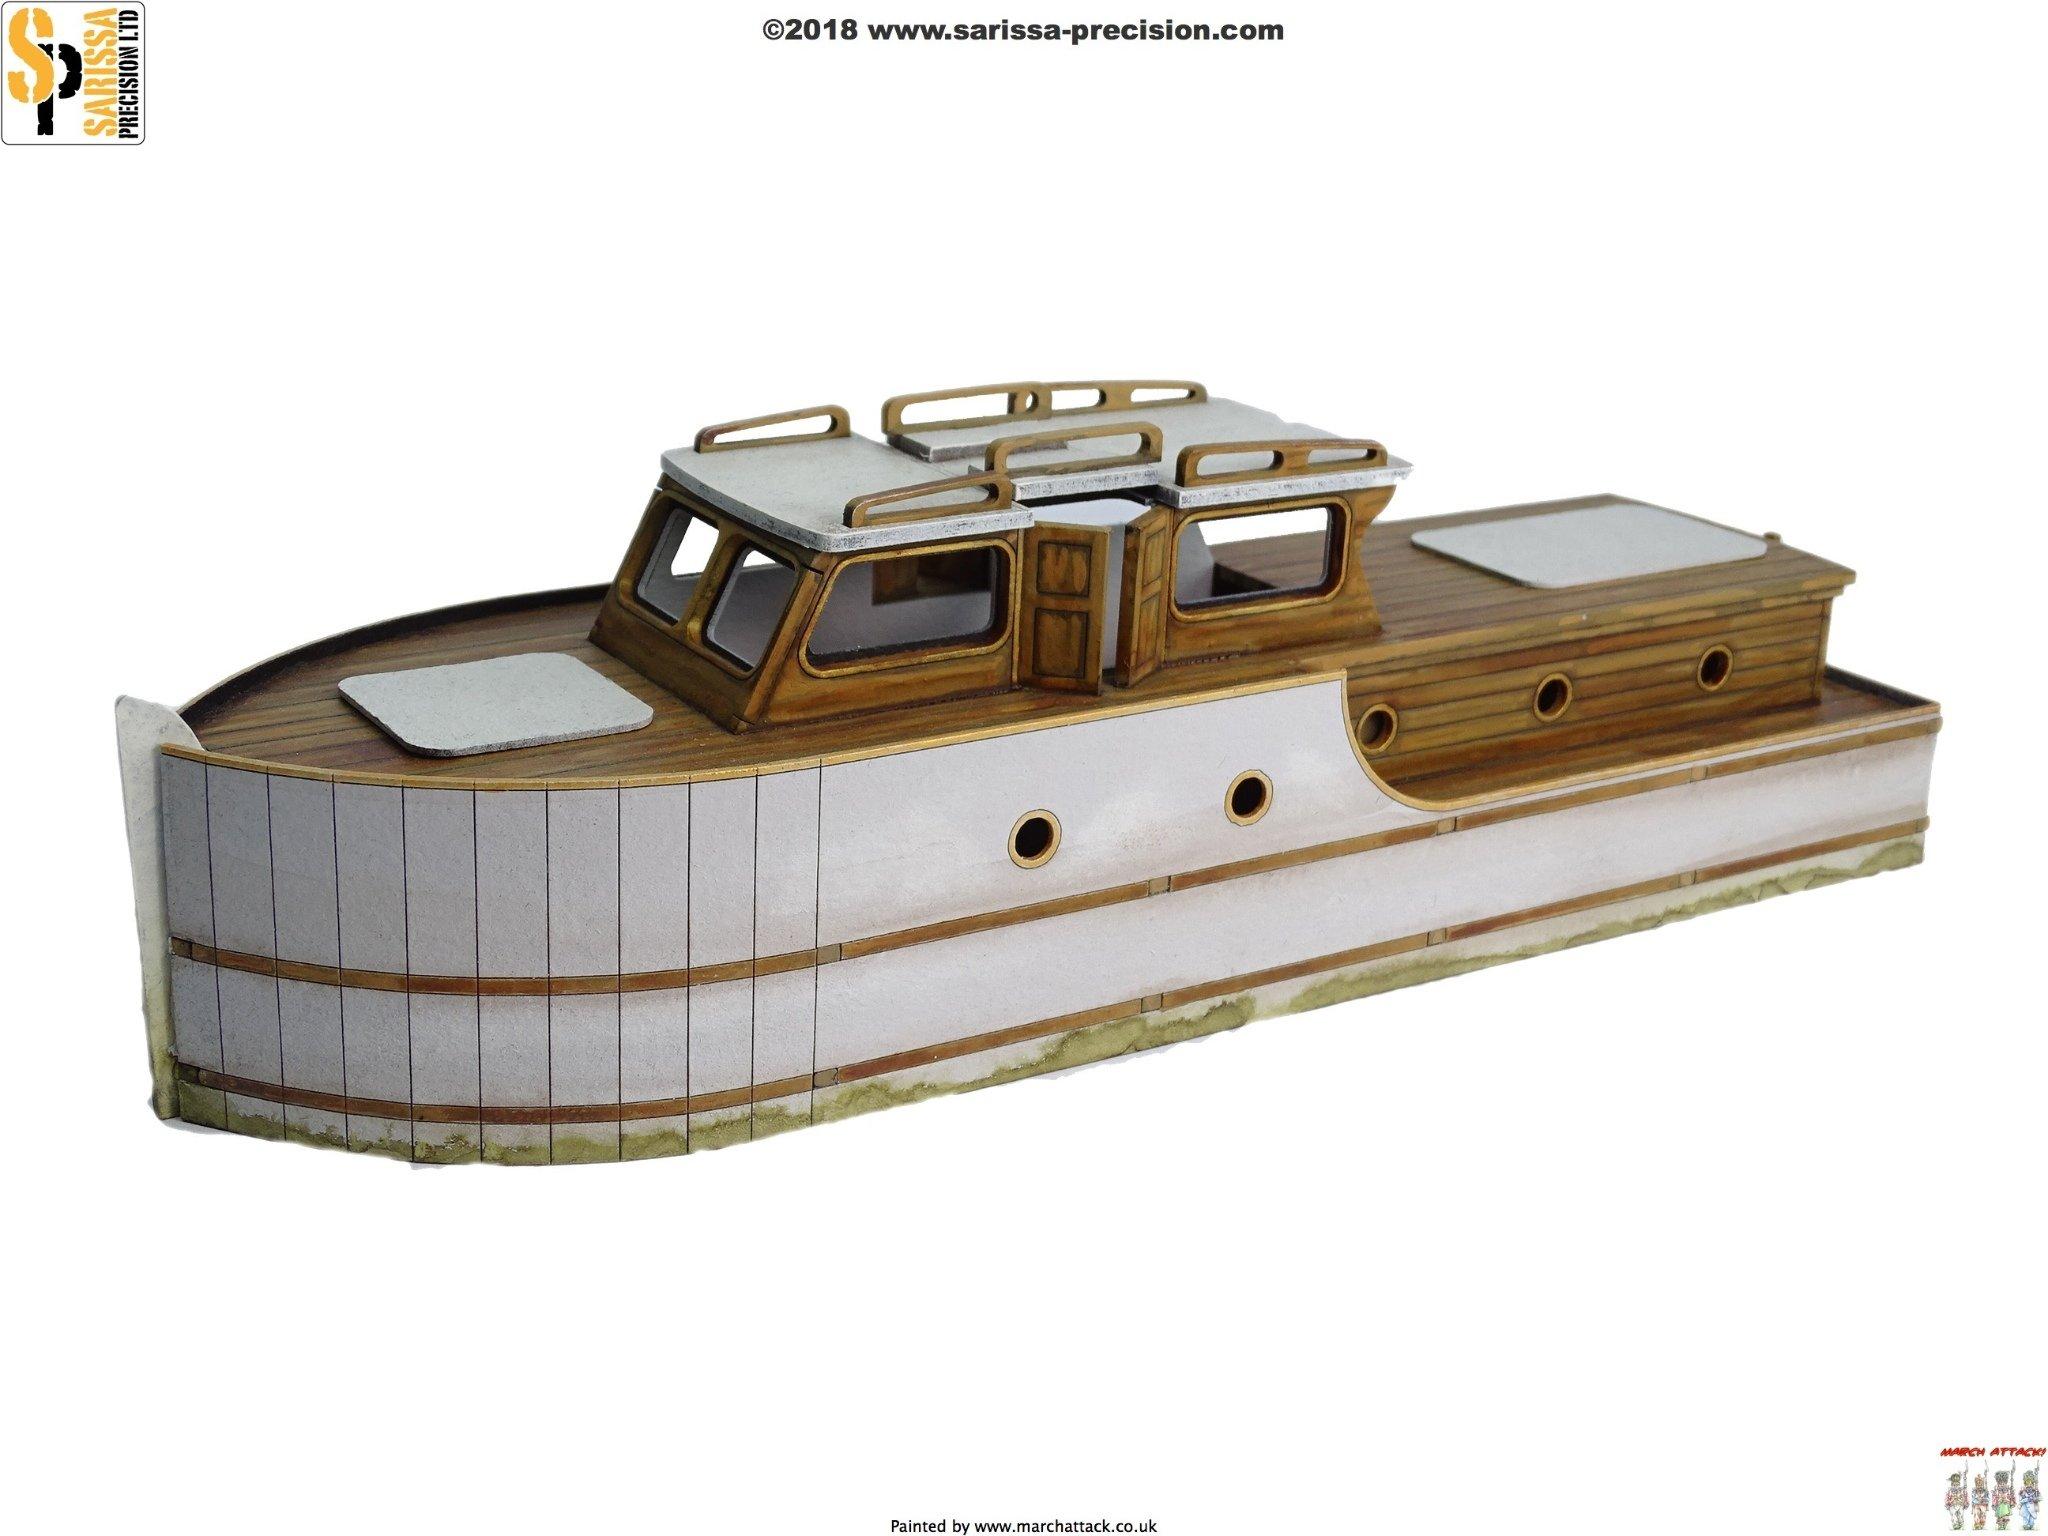 River Cruiser 'Dunkirk' Little Boat G099